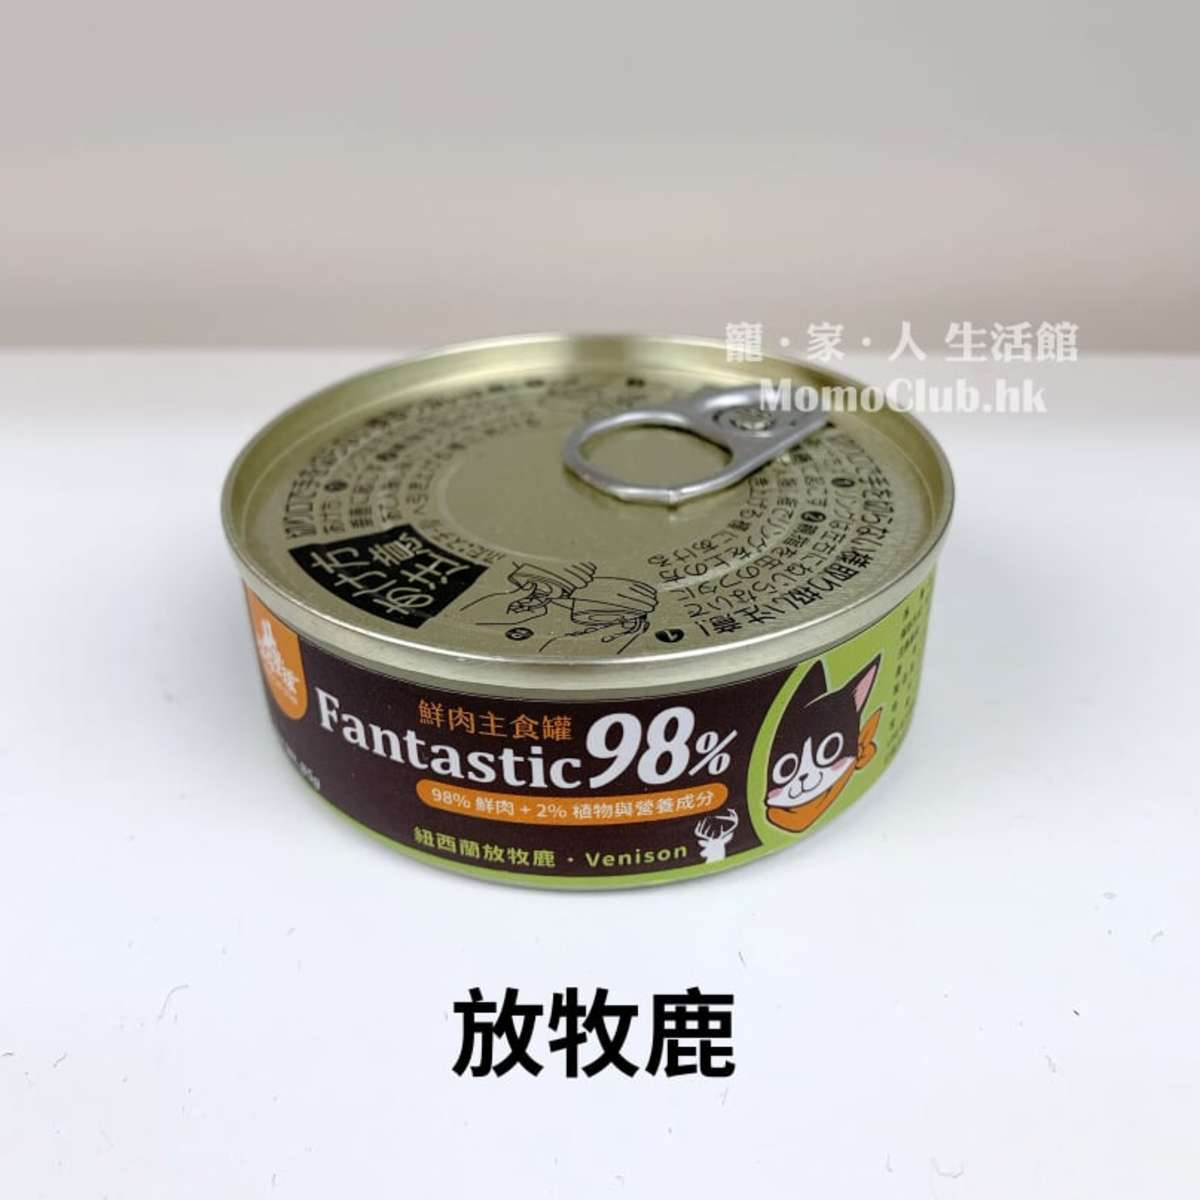 98% Fantastic Wet Food (Venison) 3罐, 85g x 3